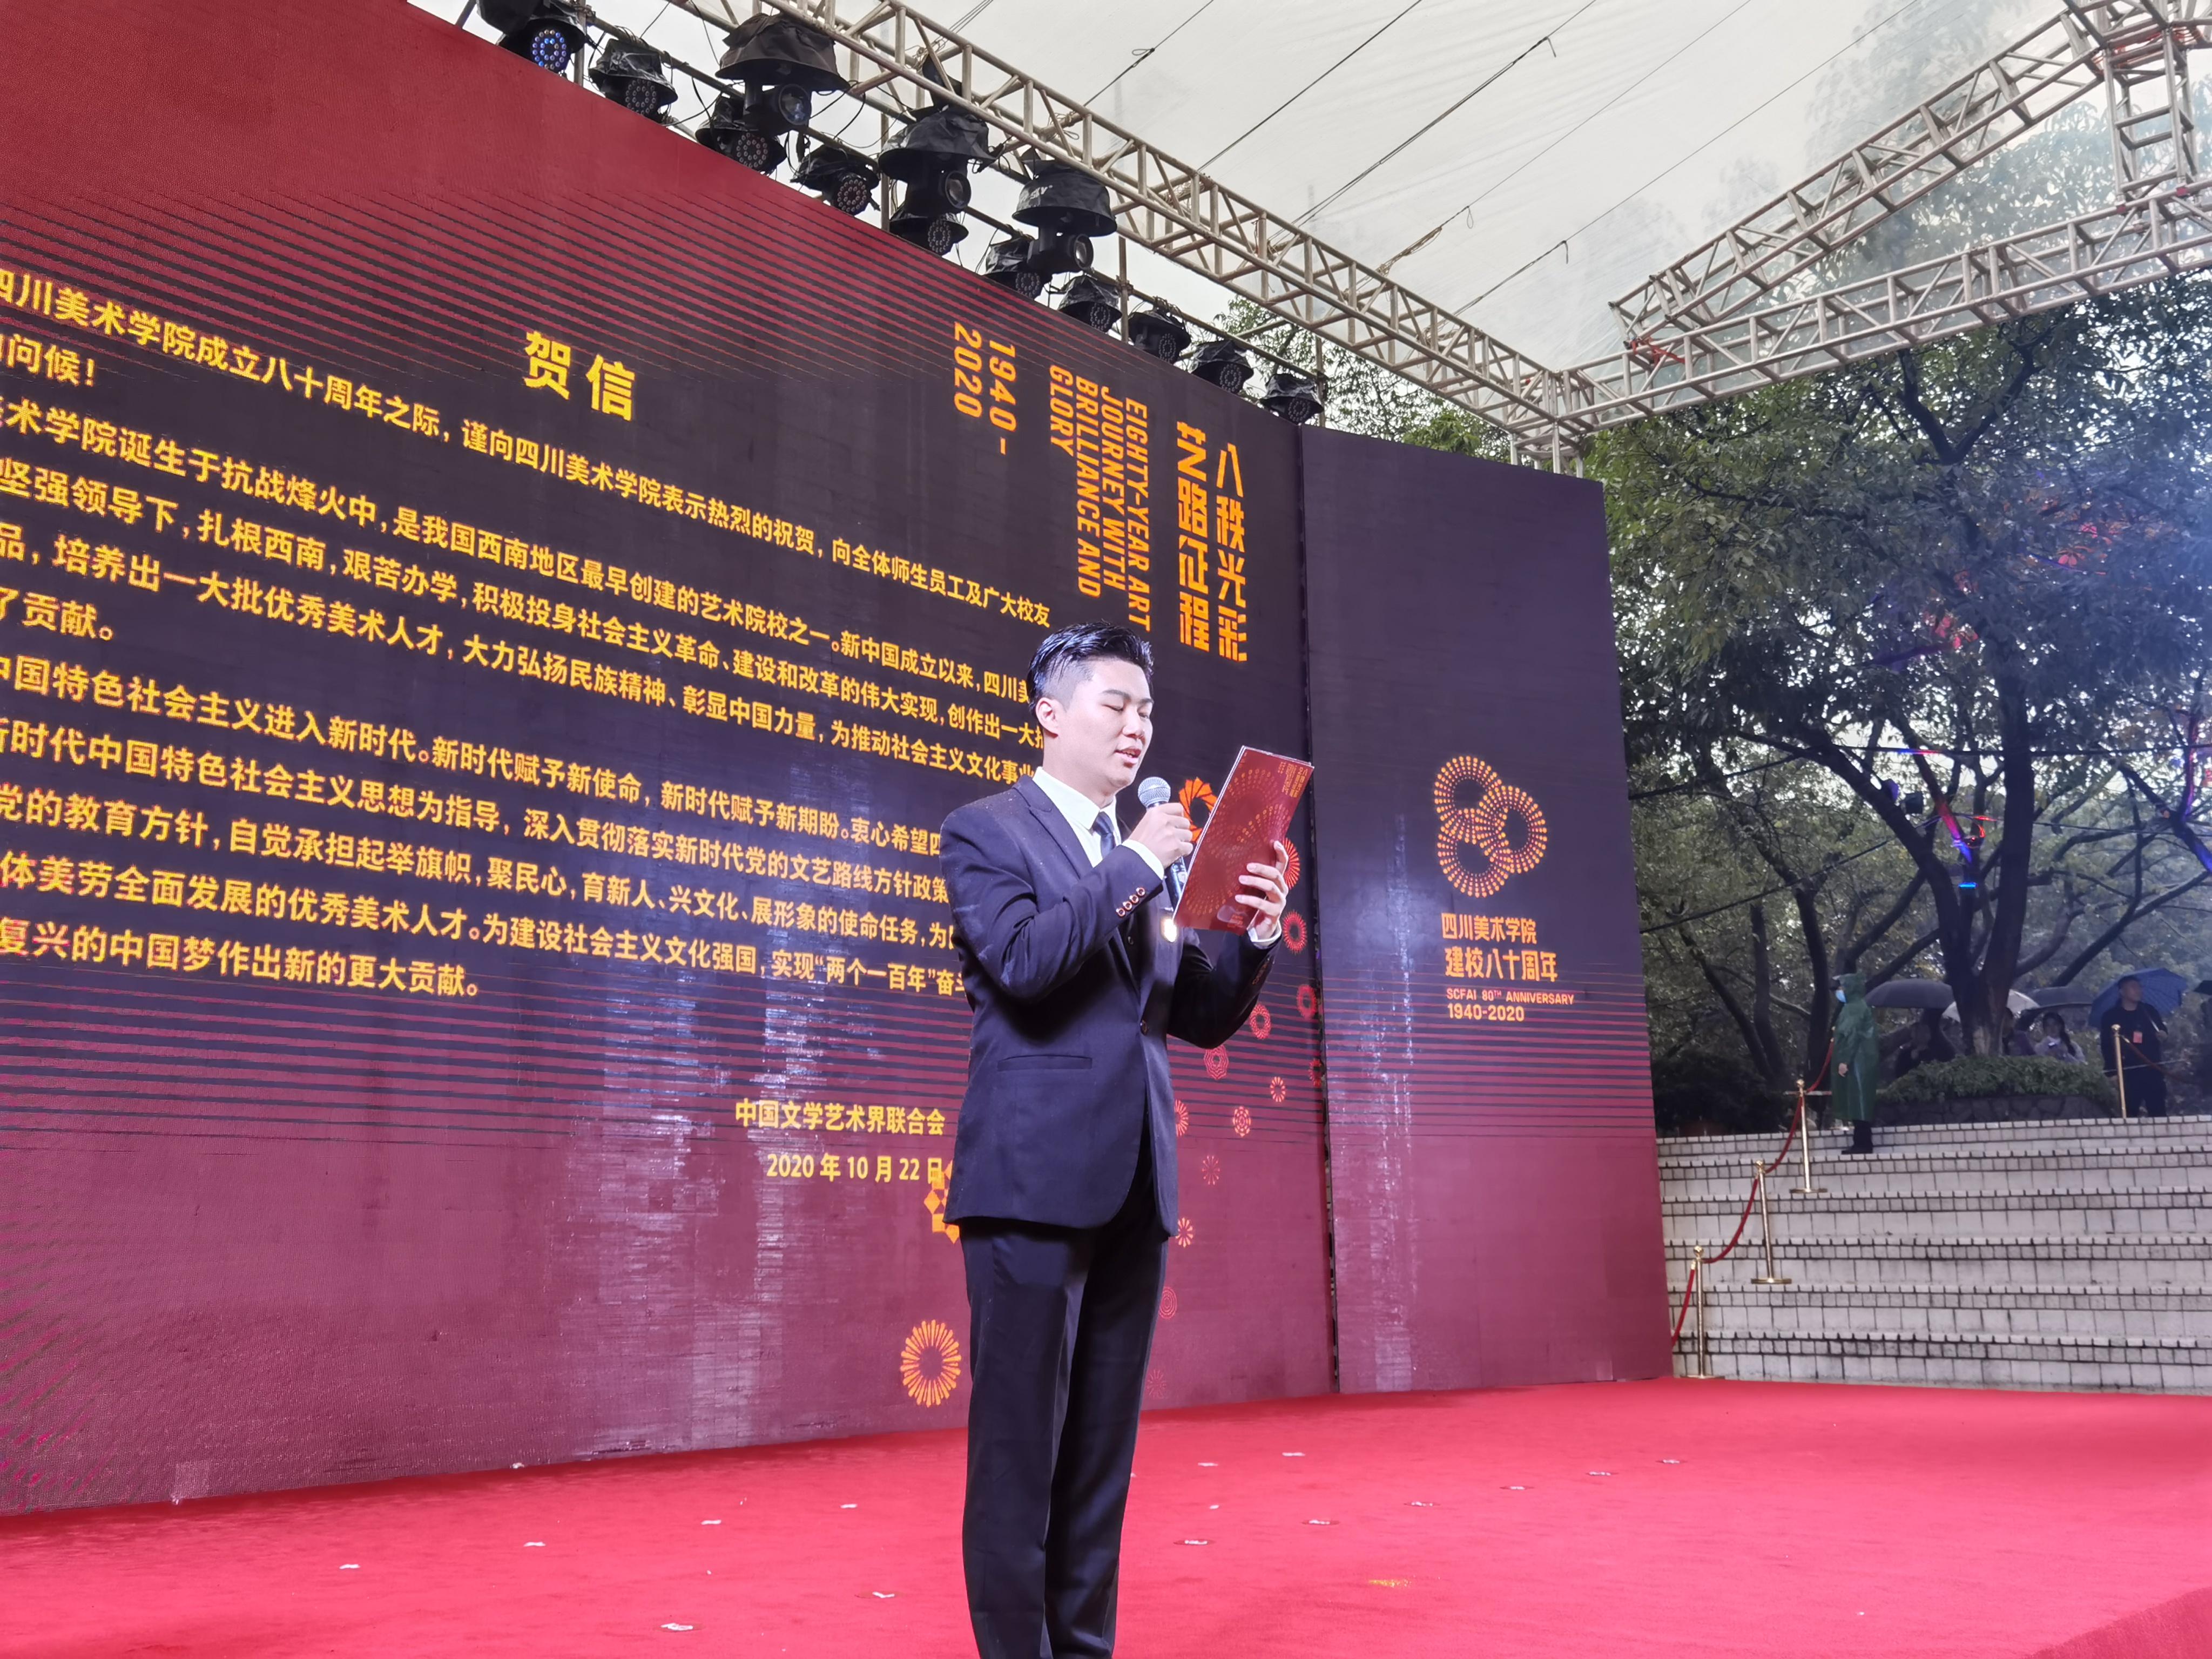 四川美术学院建校80周年大会暨重庆美术公园启动仪式隆重举行